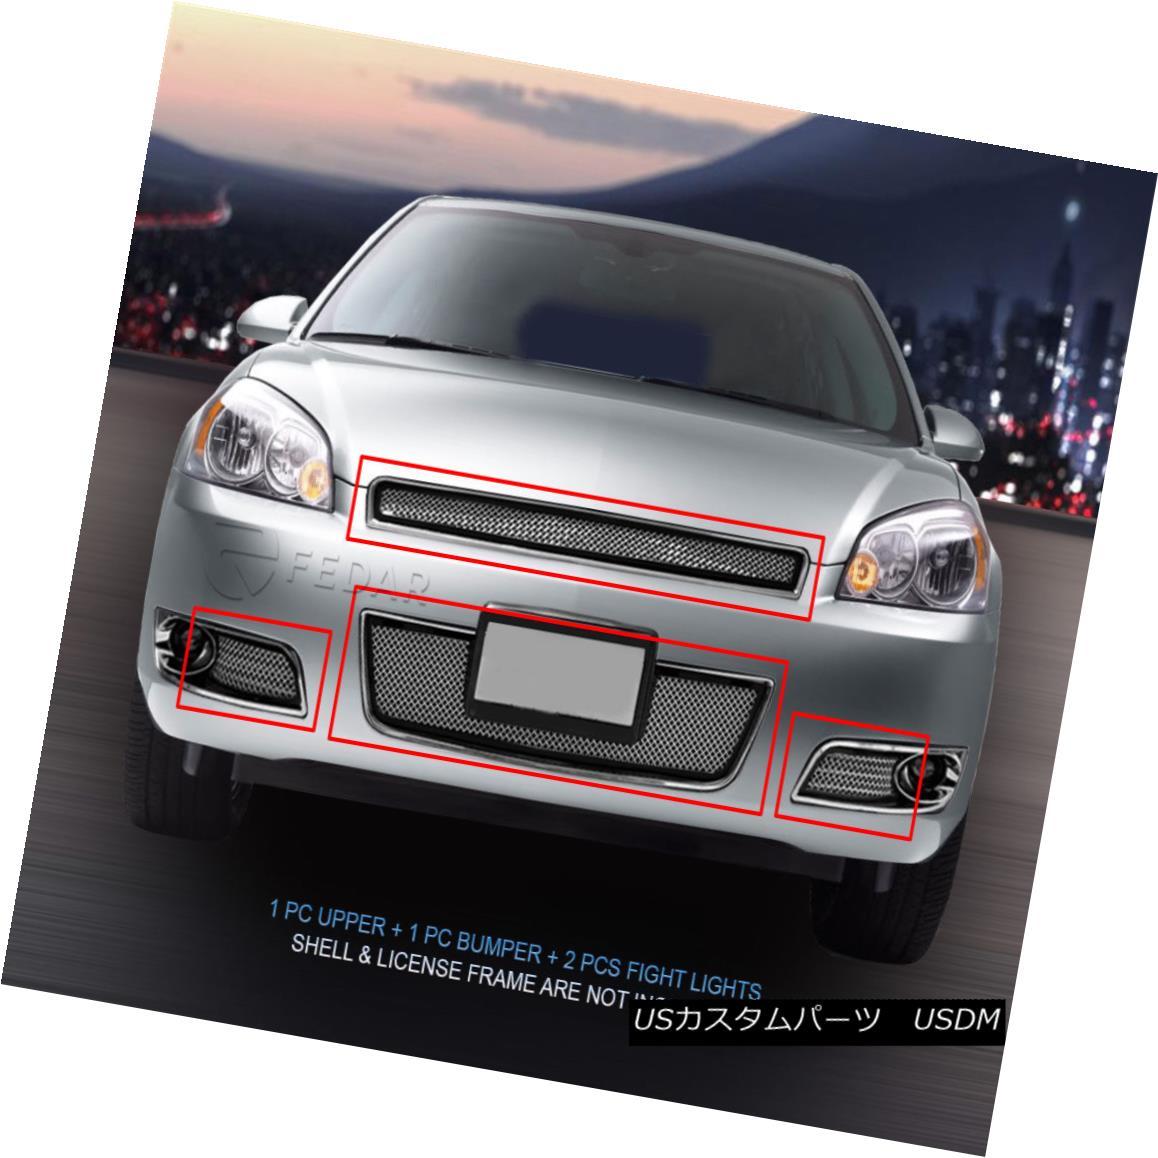 グリル For 06-11 Chevy Impala Stainless Steel Mesh Grille Grill Combo Insert Fedar 06-11シボレーインパラステンレスメッシュグリルグリルコンボインサートフェルダ